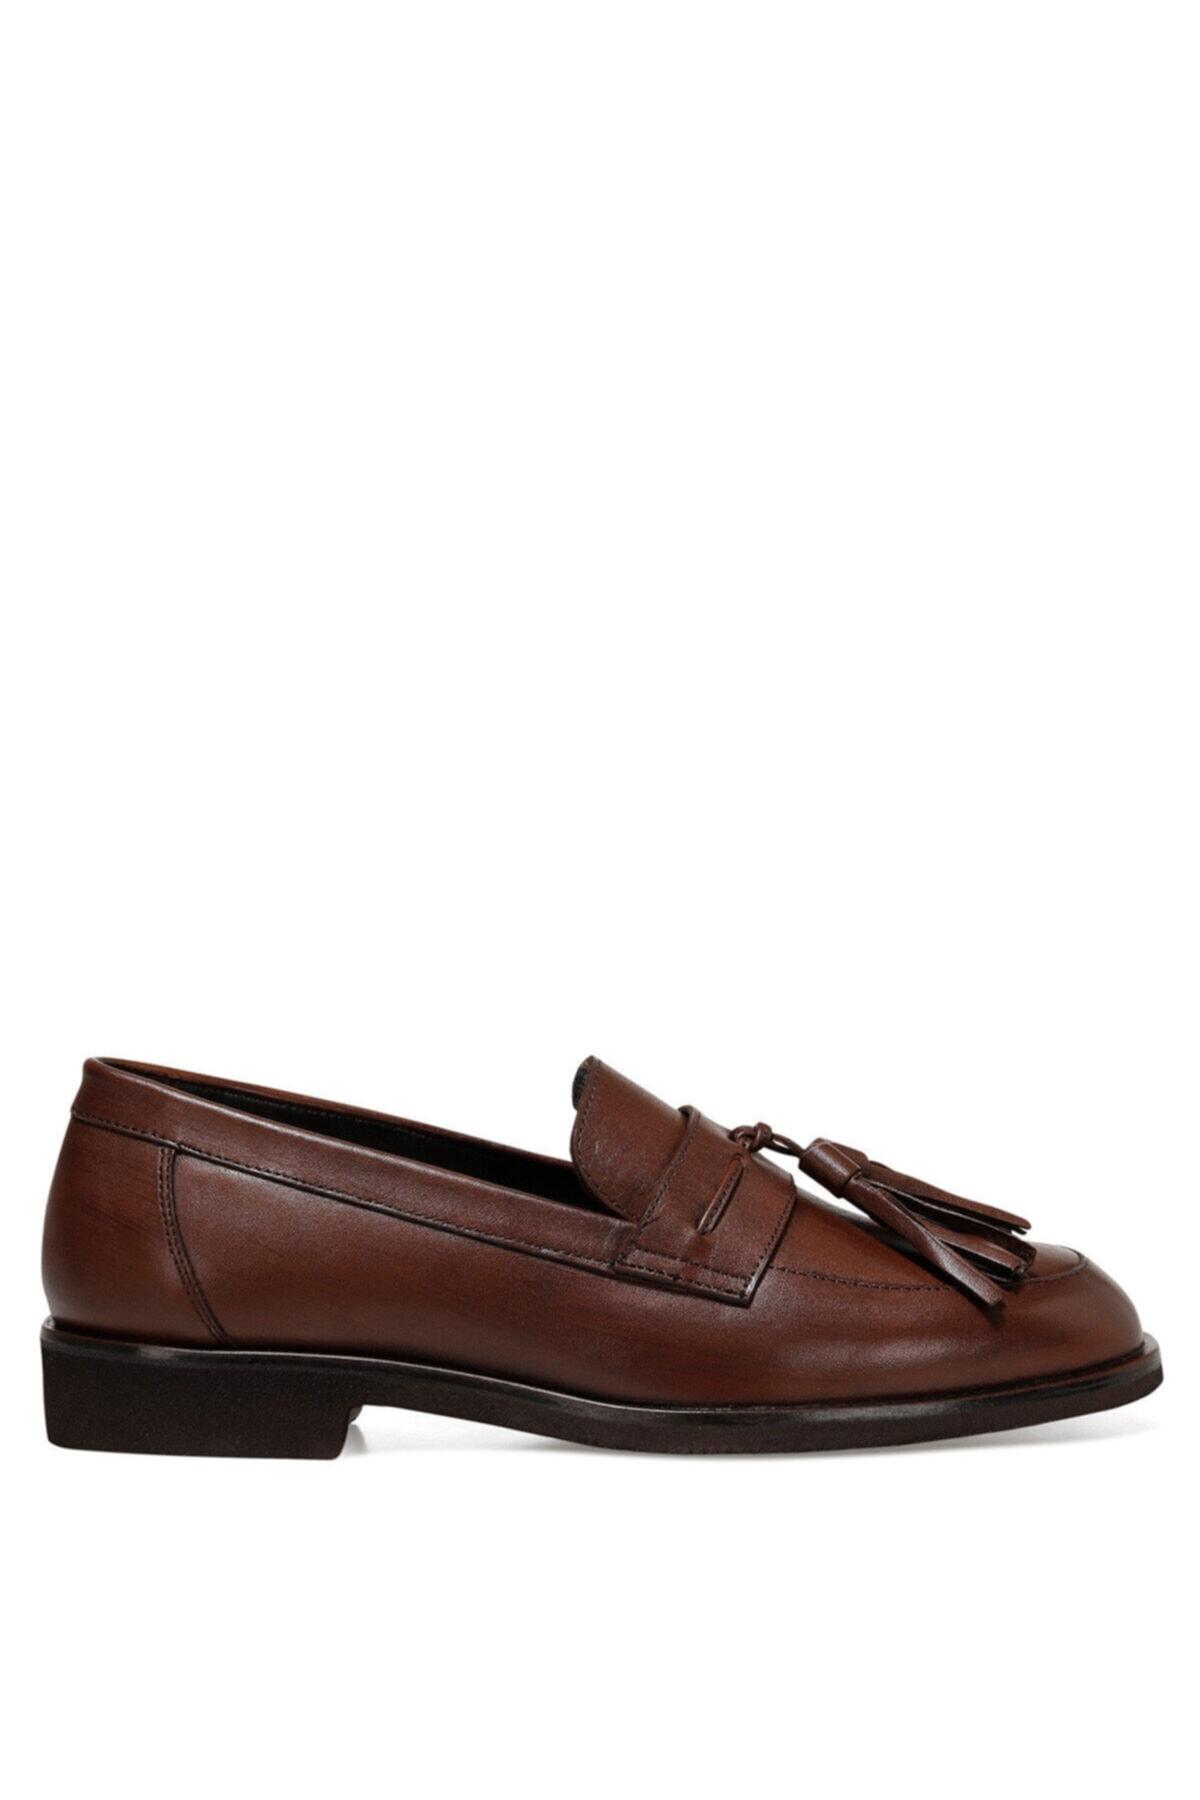 Nine West Bambola2 Koyu Kahve Kadın Loafer Ayakkabı